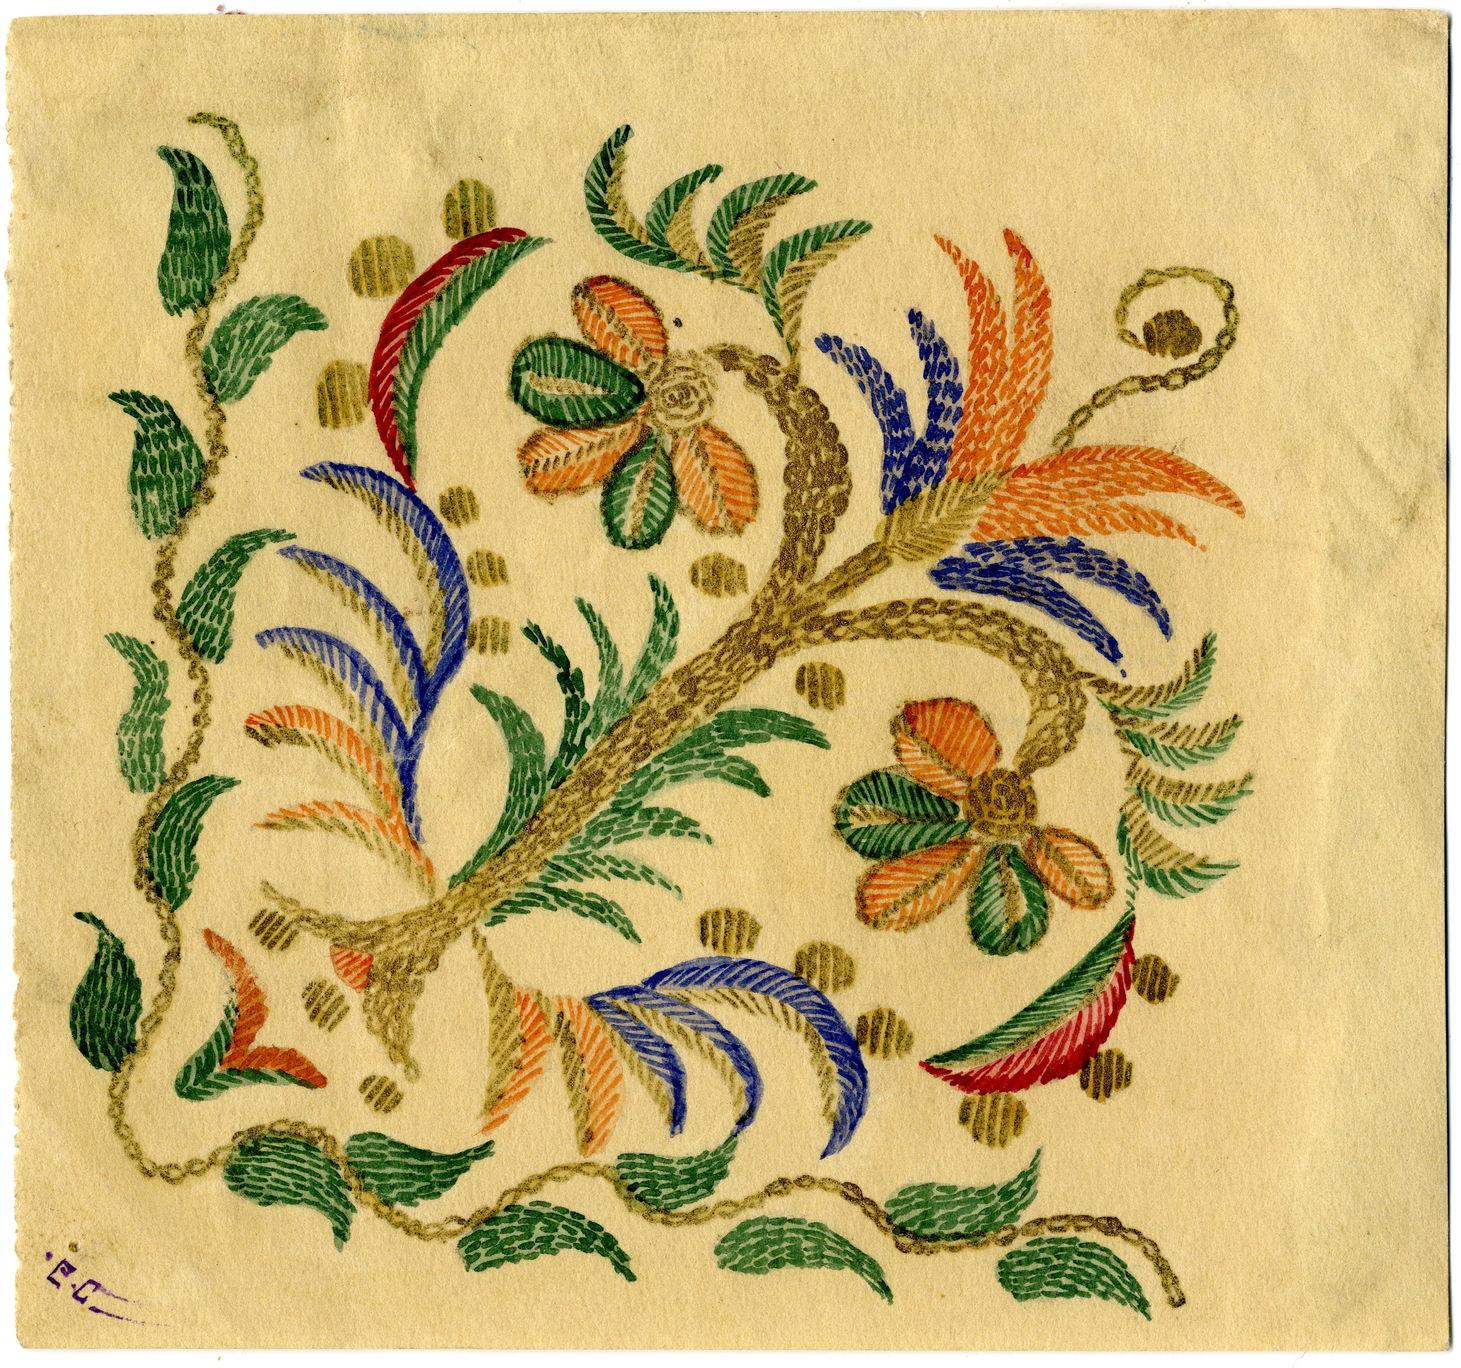 Е.Ю. Спасская. Рисунок вышивки на свадебном платке